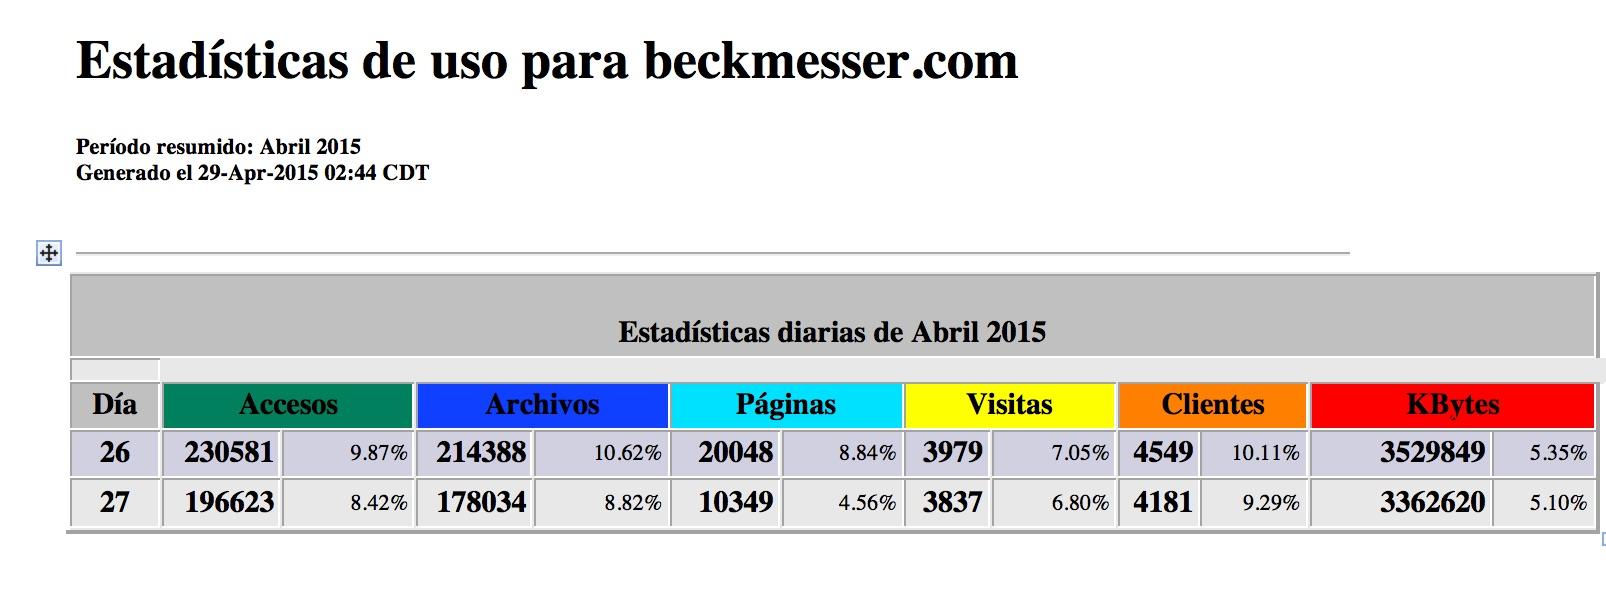 Beckmesser de nuevo logra record de visitas